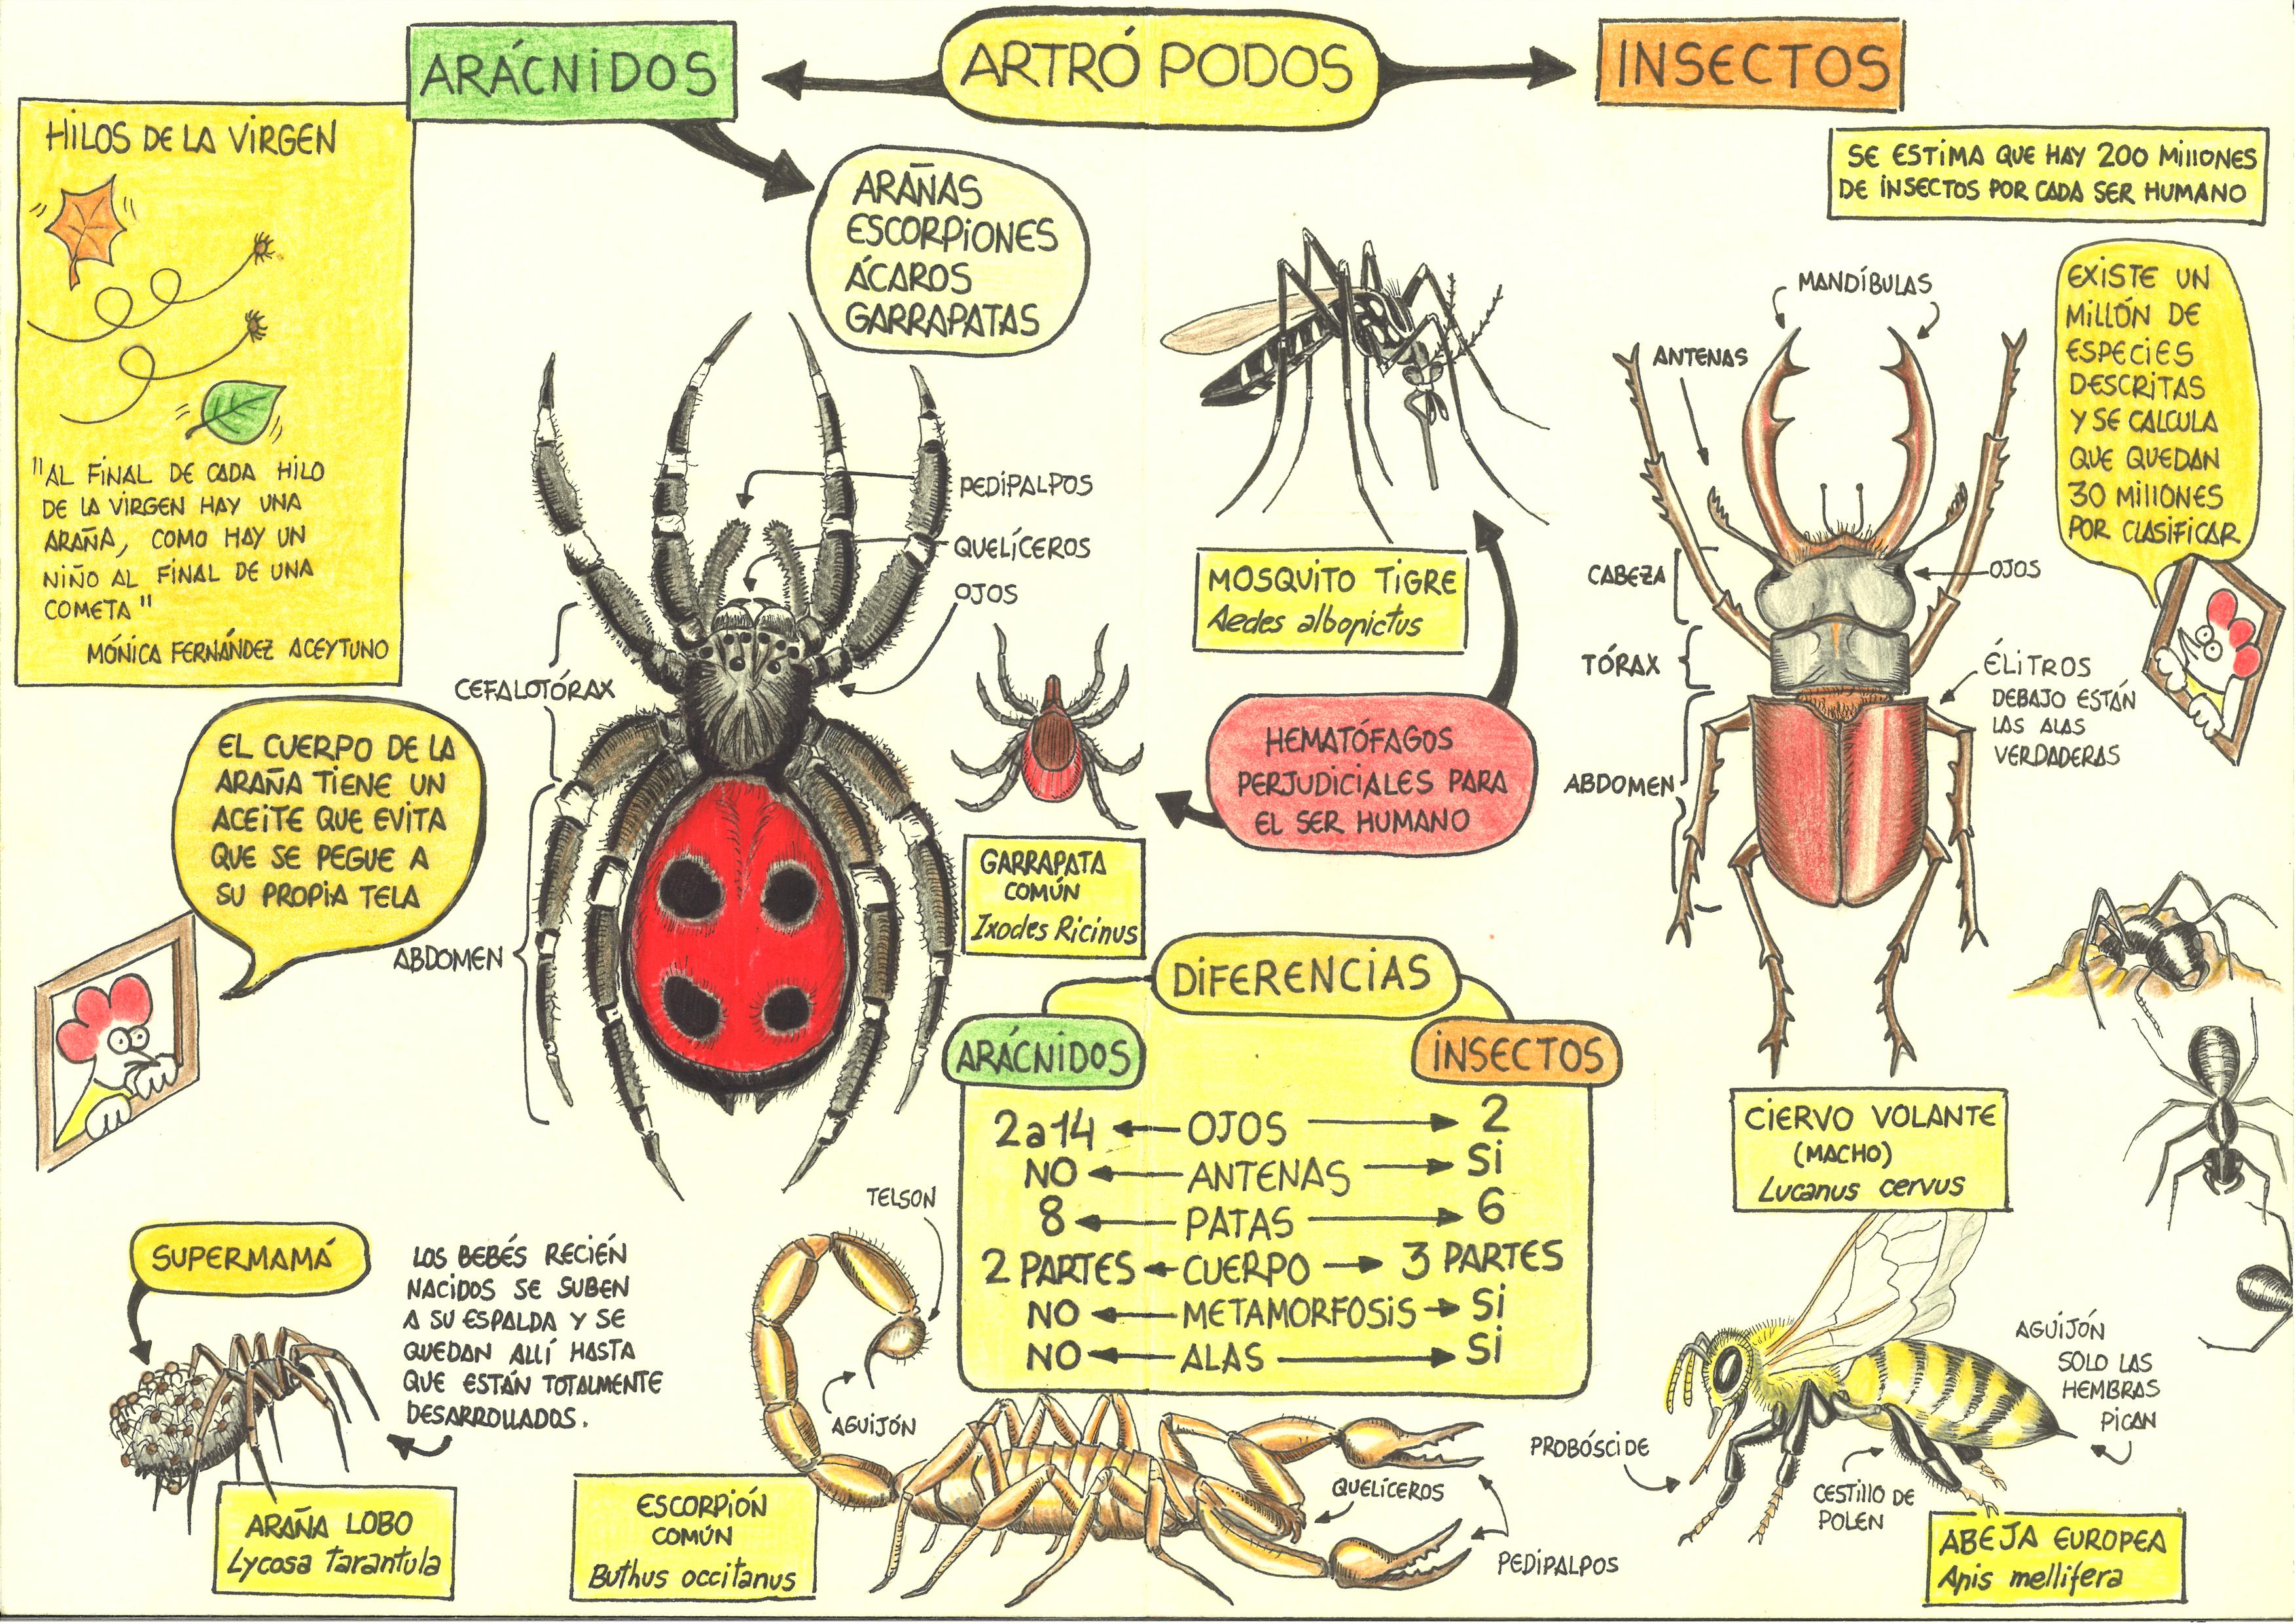 3-Insectos y Arácnidos (interior).